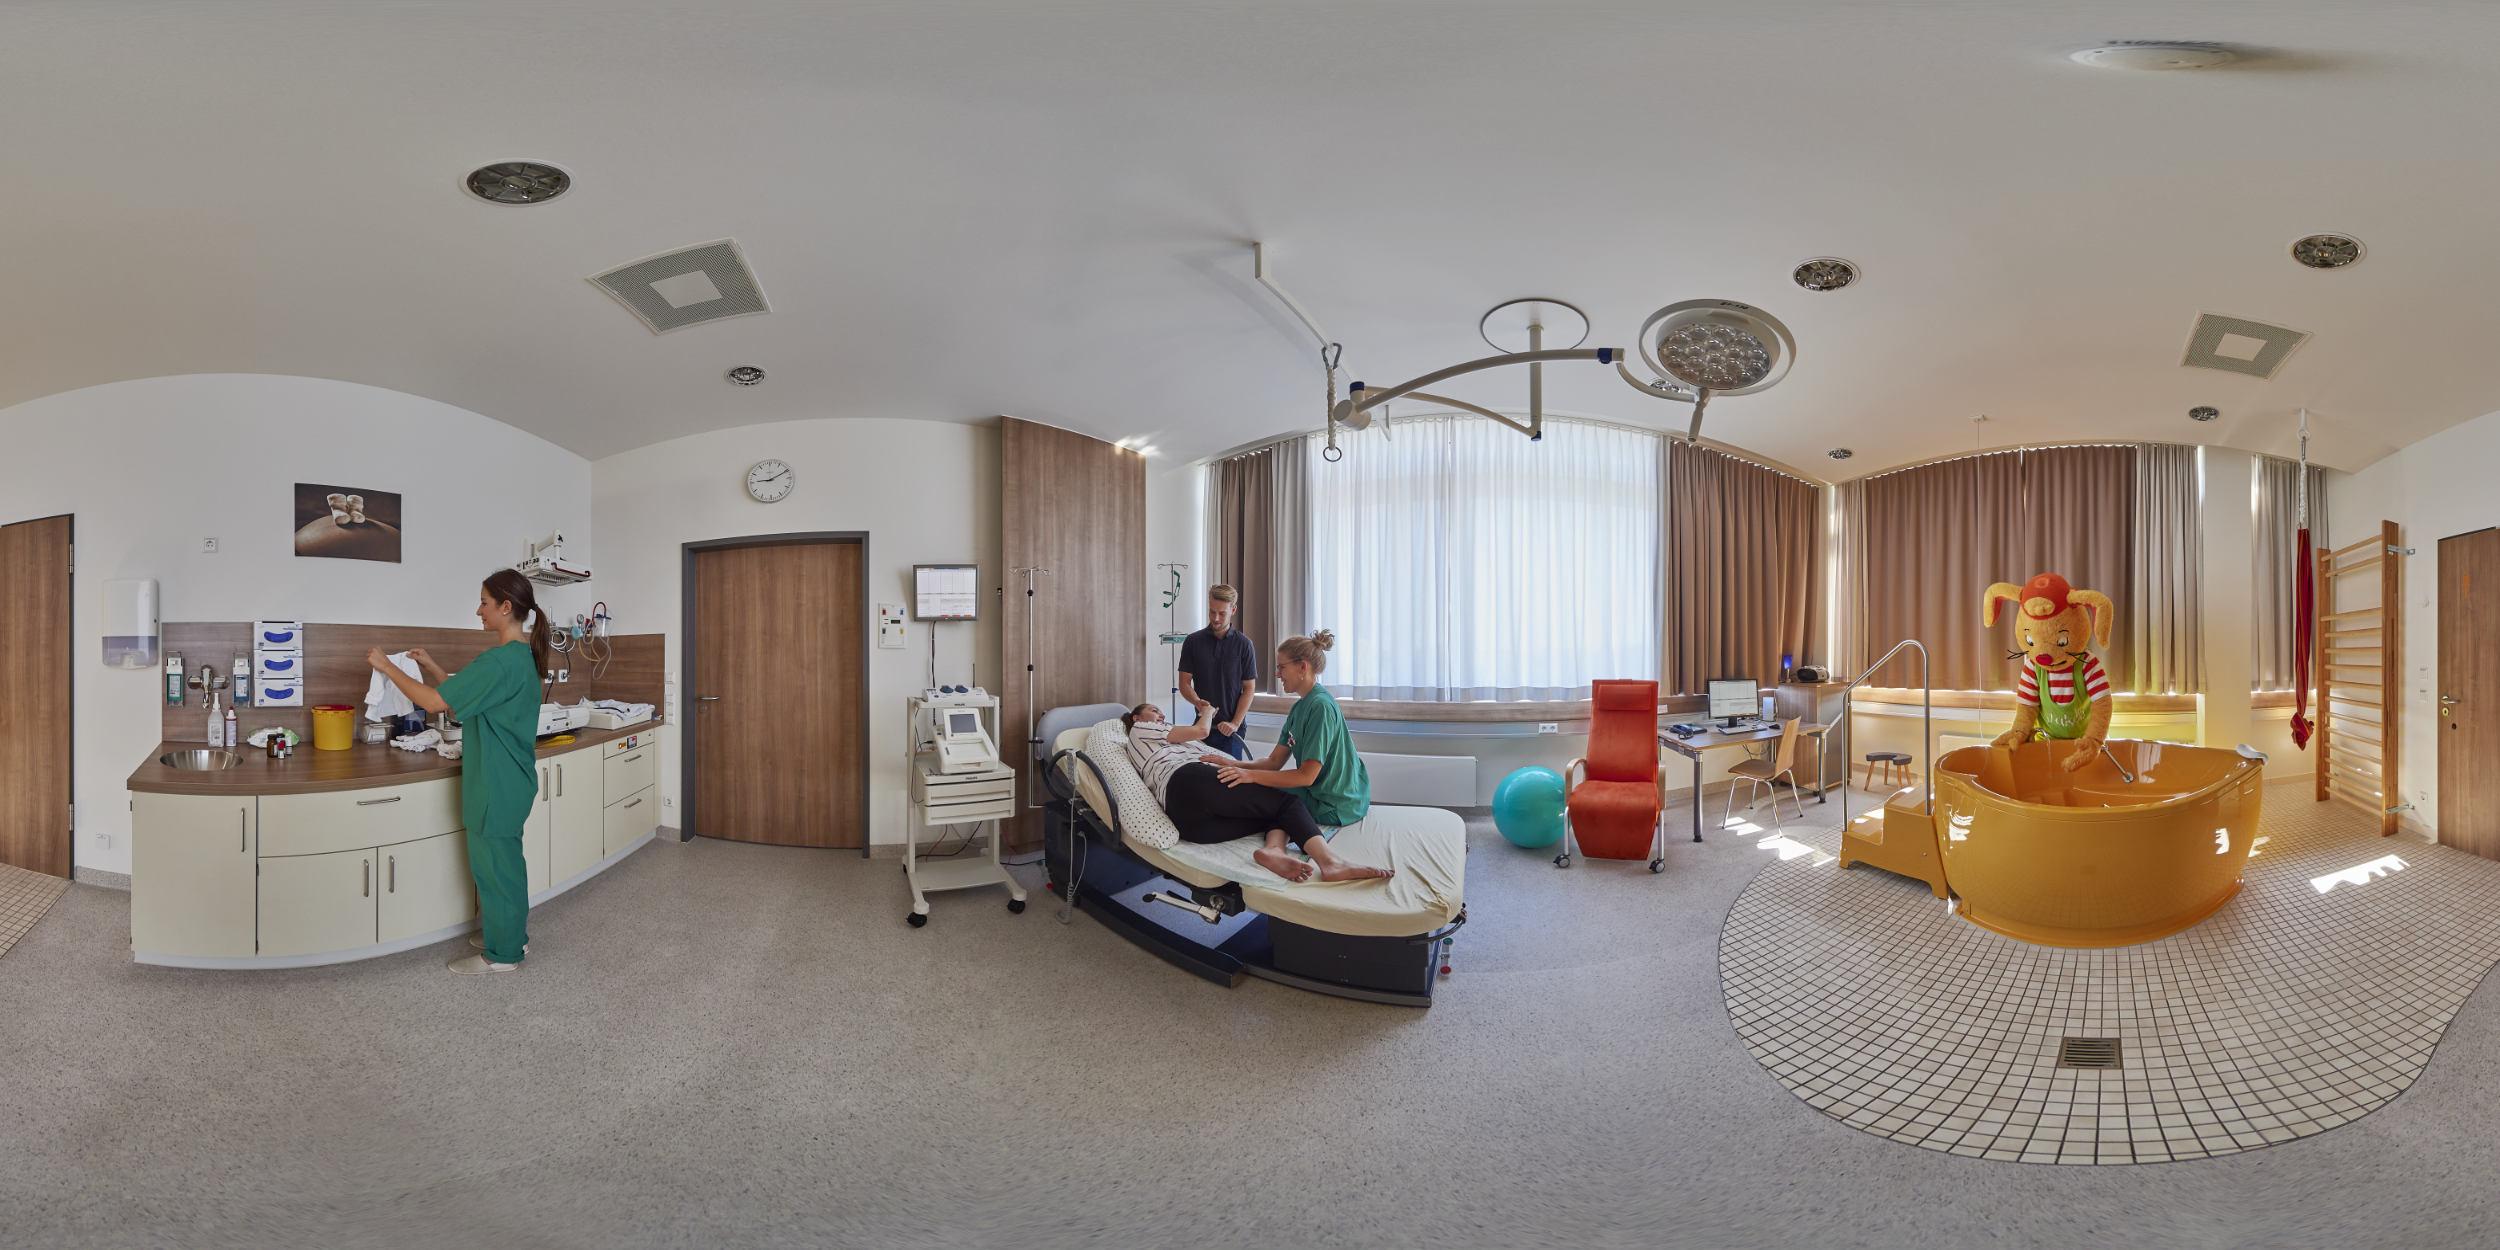 Panoramafotografie Virtuelle Touren 360Grad Fotografie Stuttgart und Umgebung Panorama 360°x180° Sphäre Virtuelle Tour durch das Rems-Murr Klinikum Winnenden und Schorndorf Kreissaal